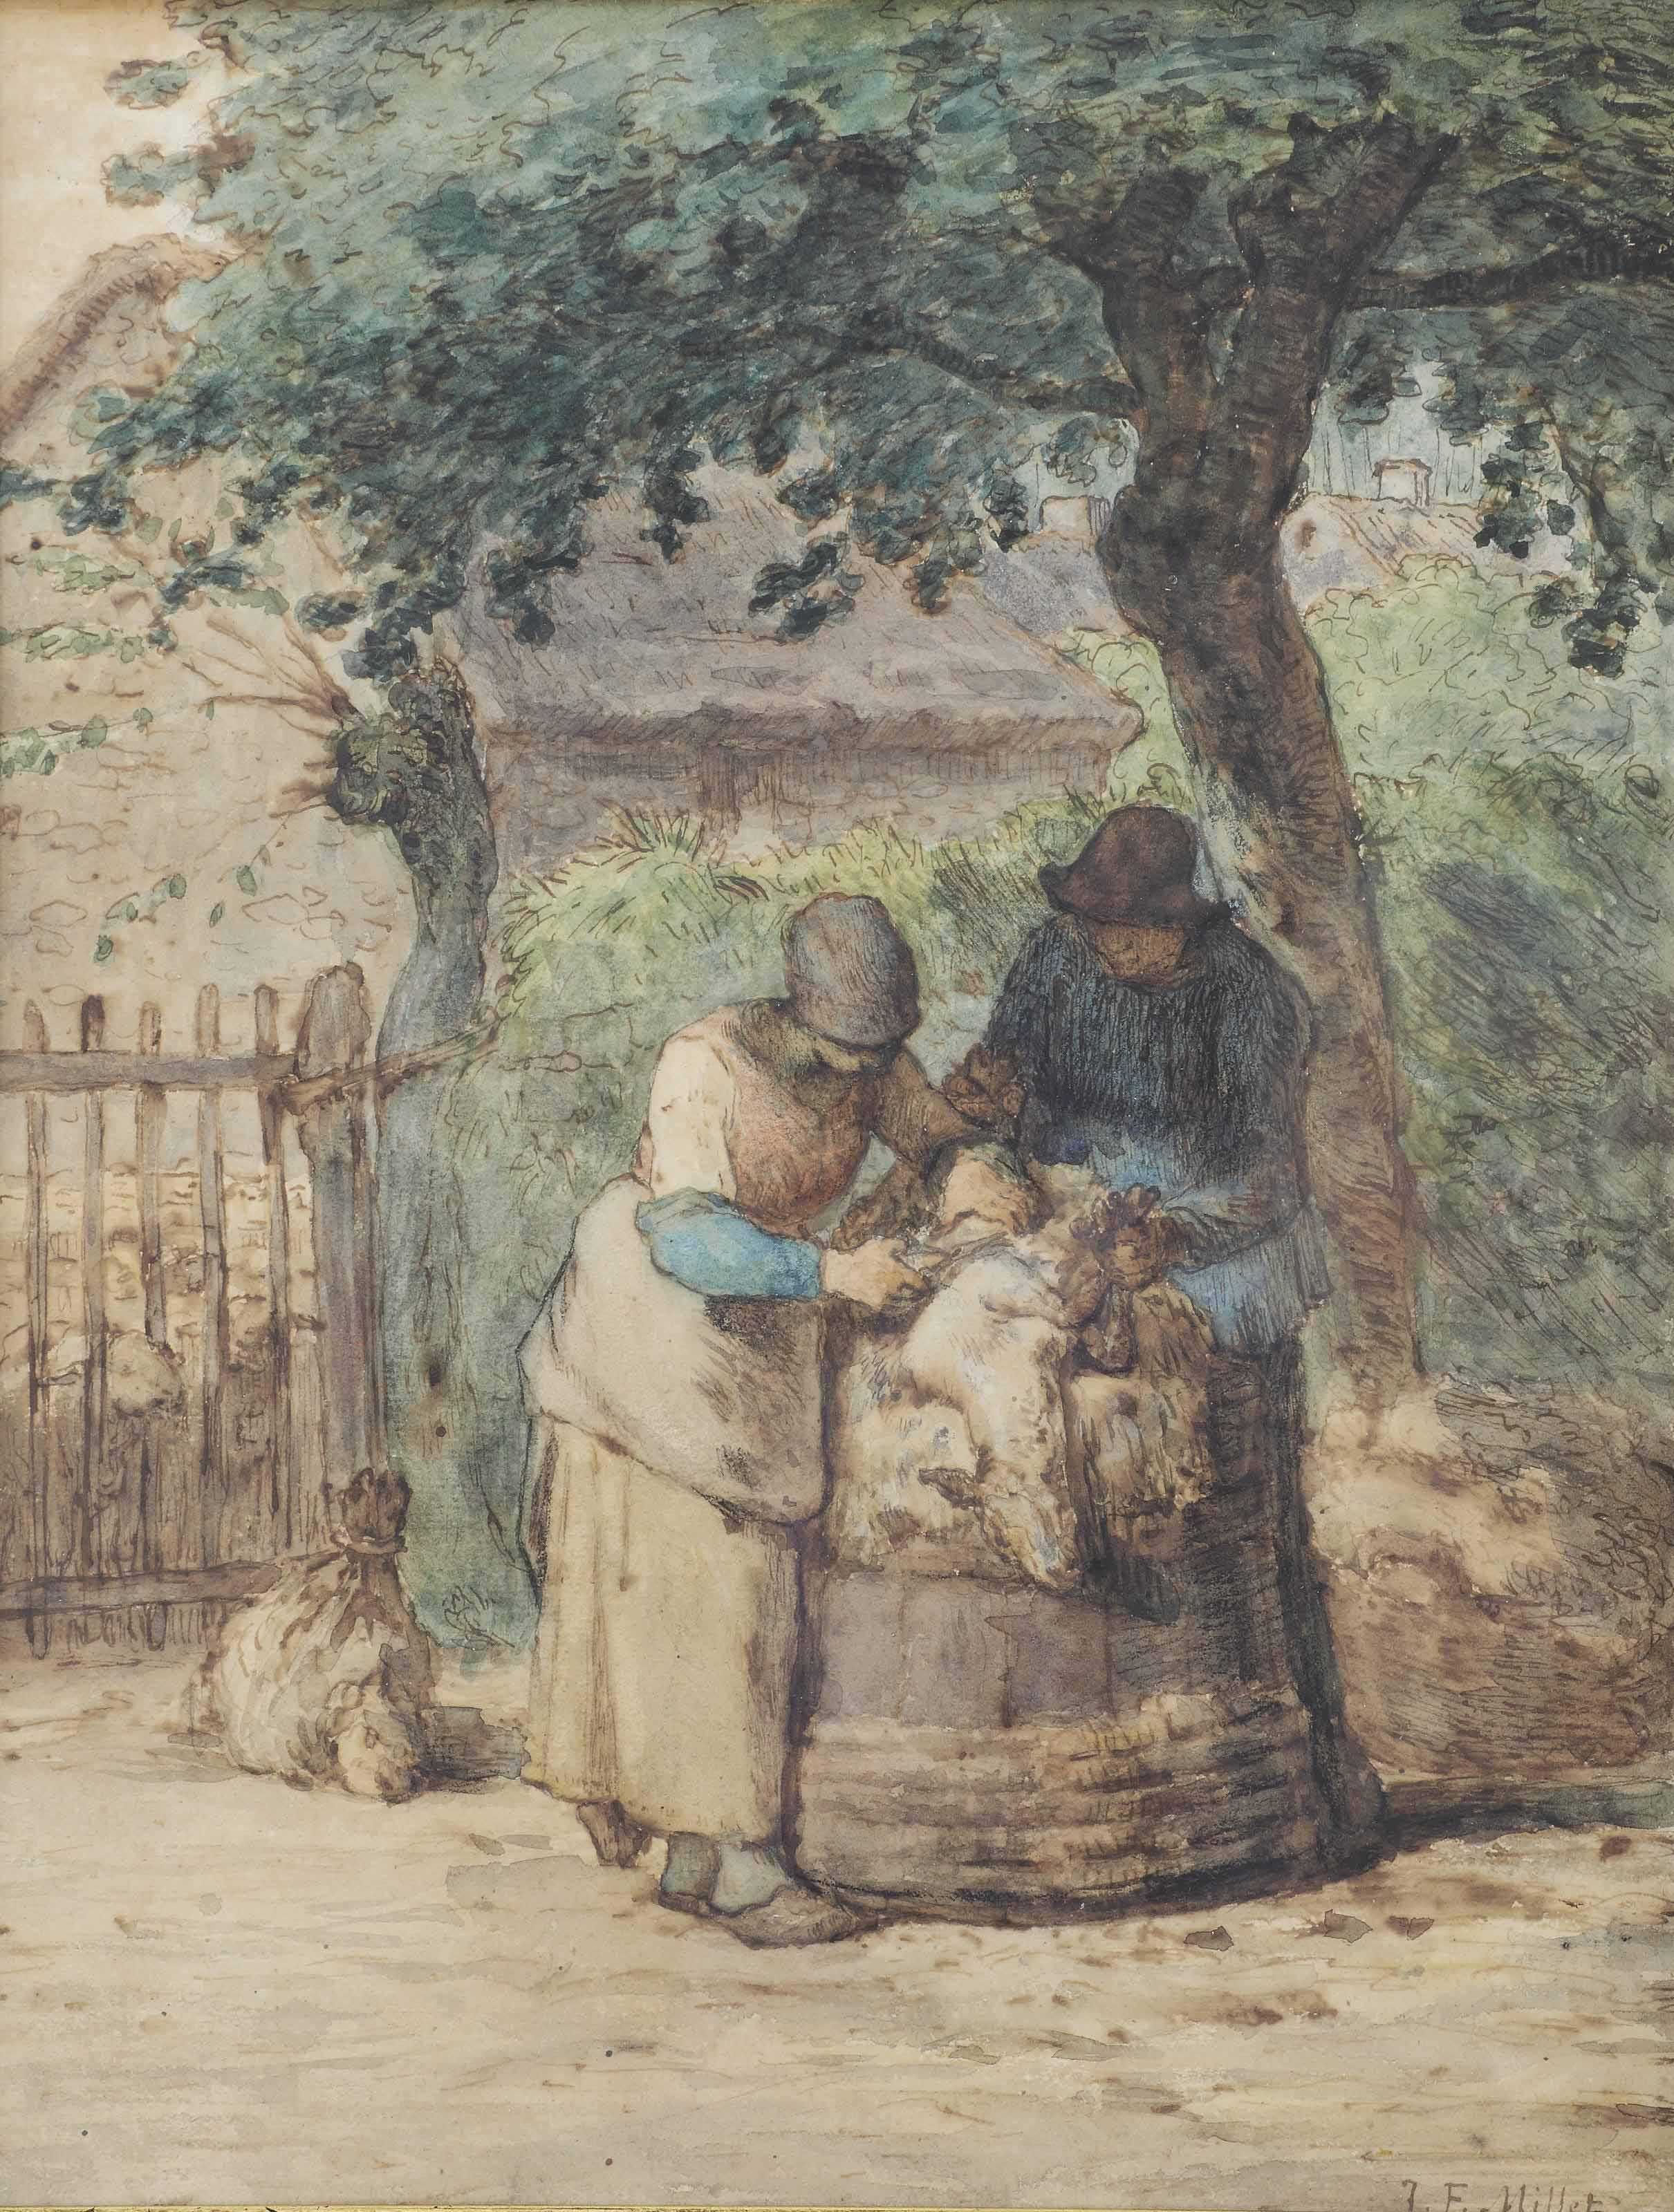 Jean-François Millet (French, 1814-1875)